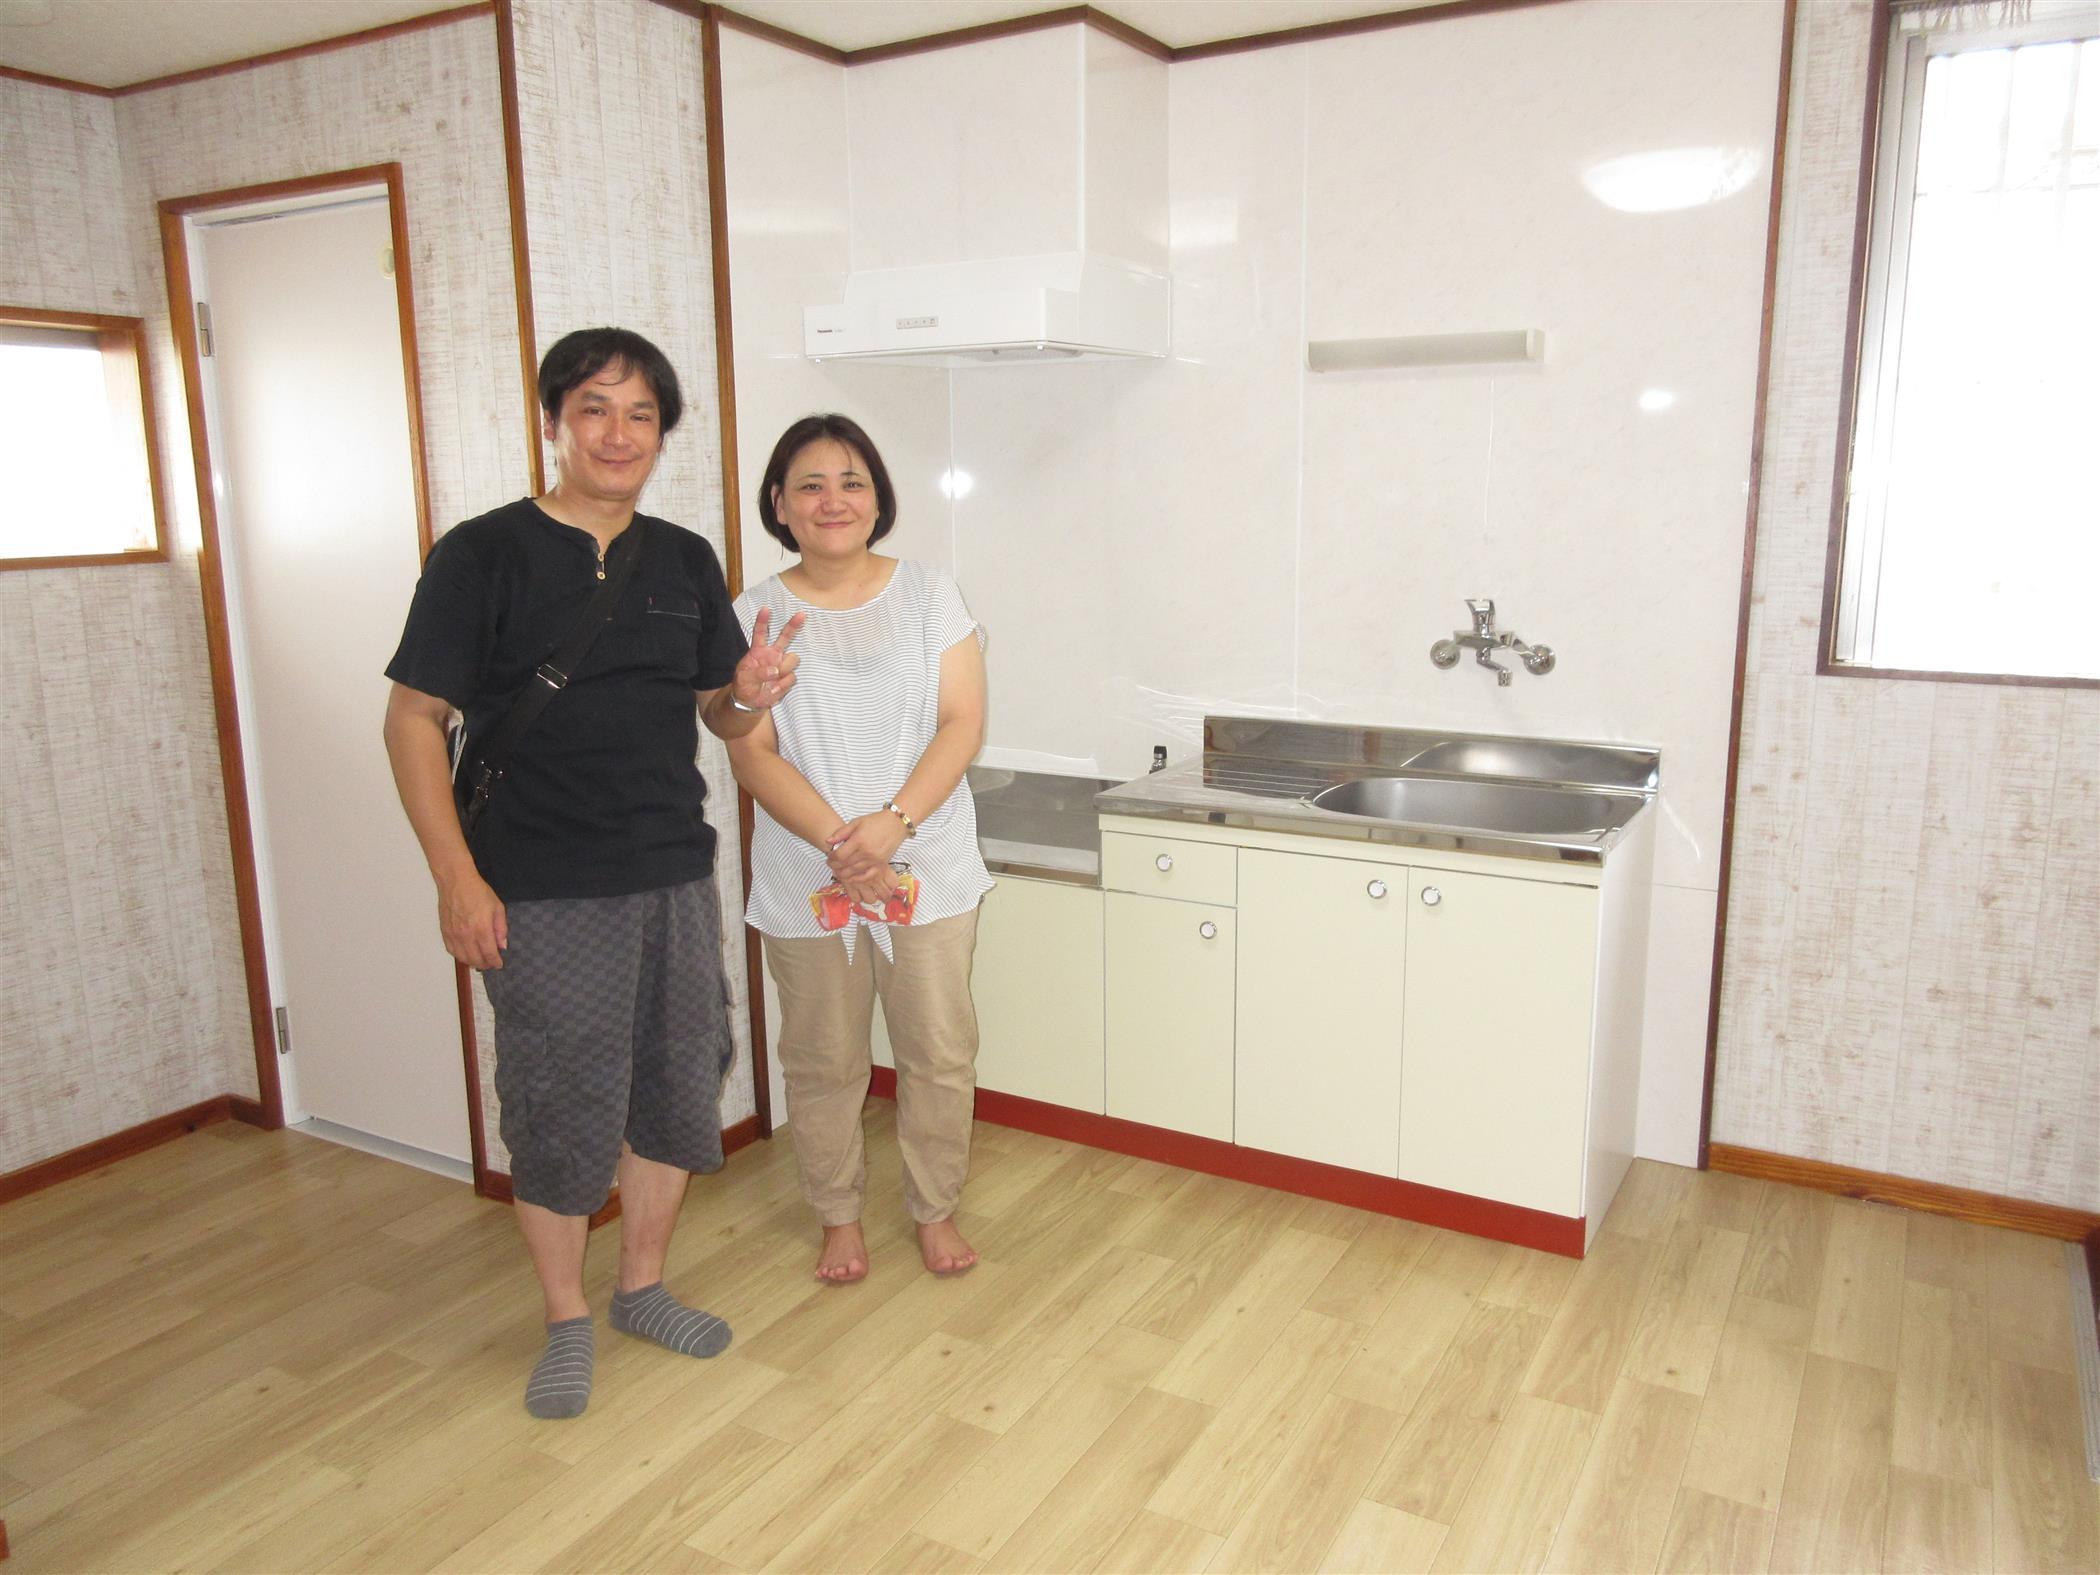 2階改装工事(お客様の声)を公開しました。 | 沖縄や那覇でリフォームするなら【株式会社 あうん工房】